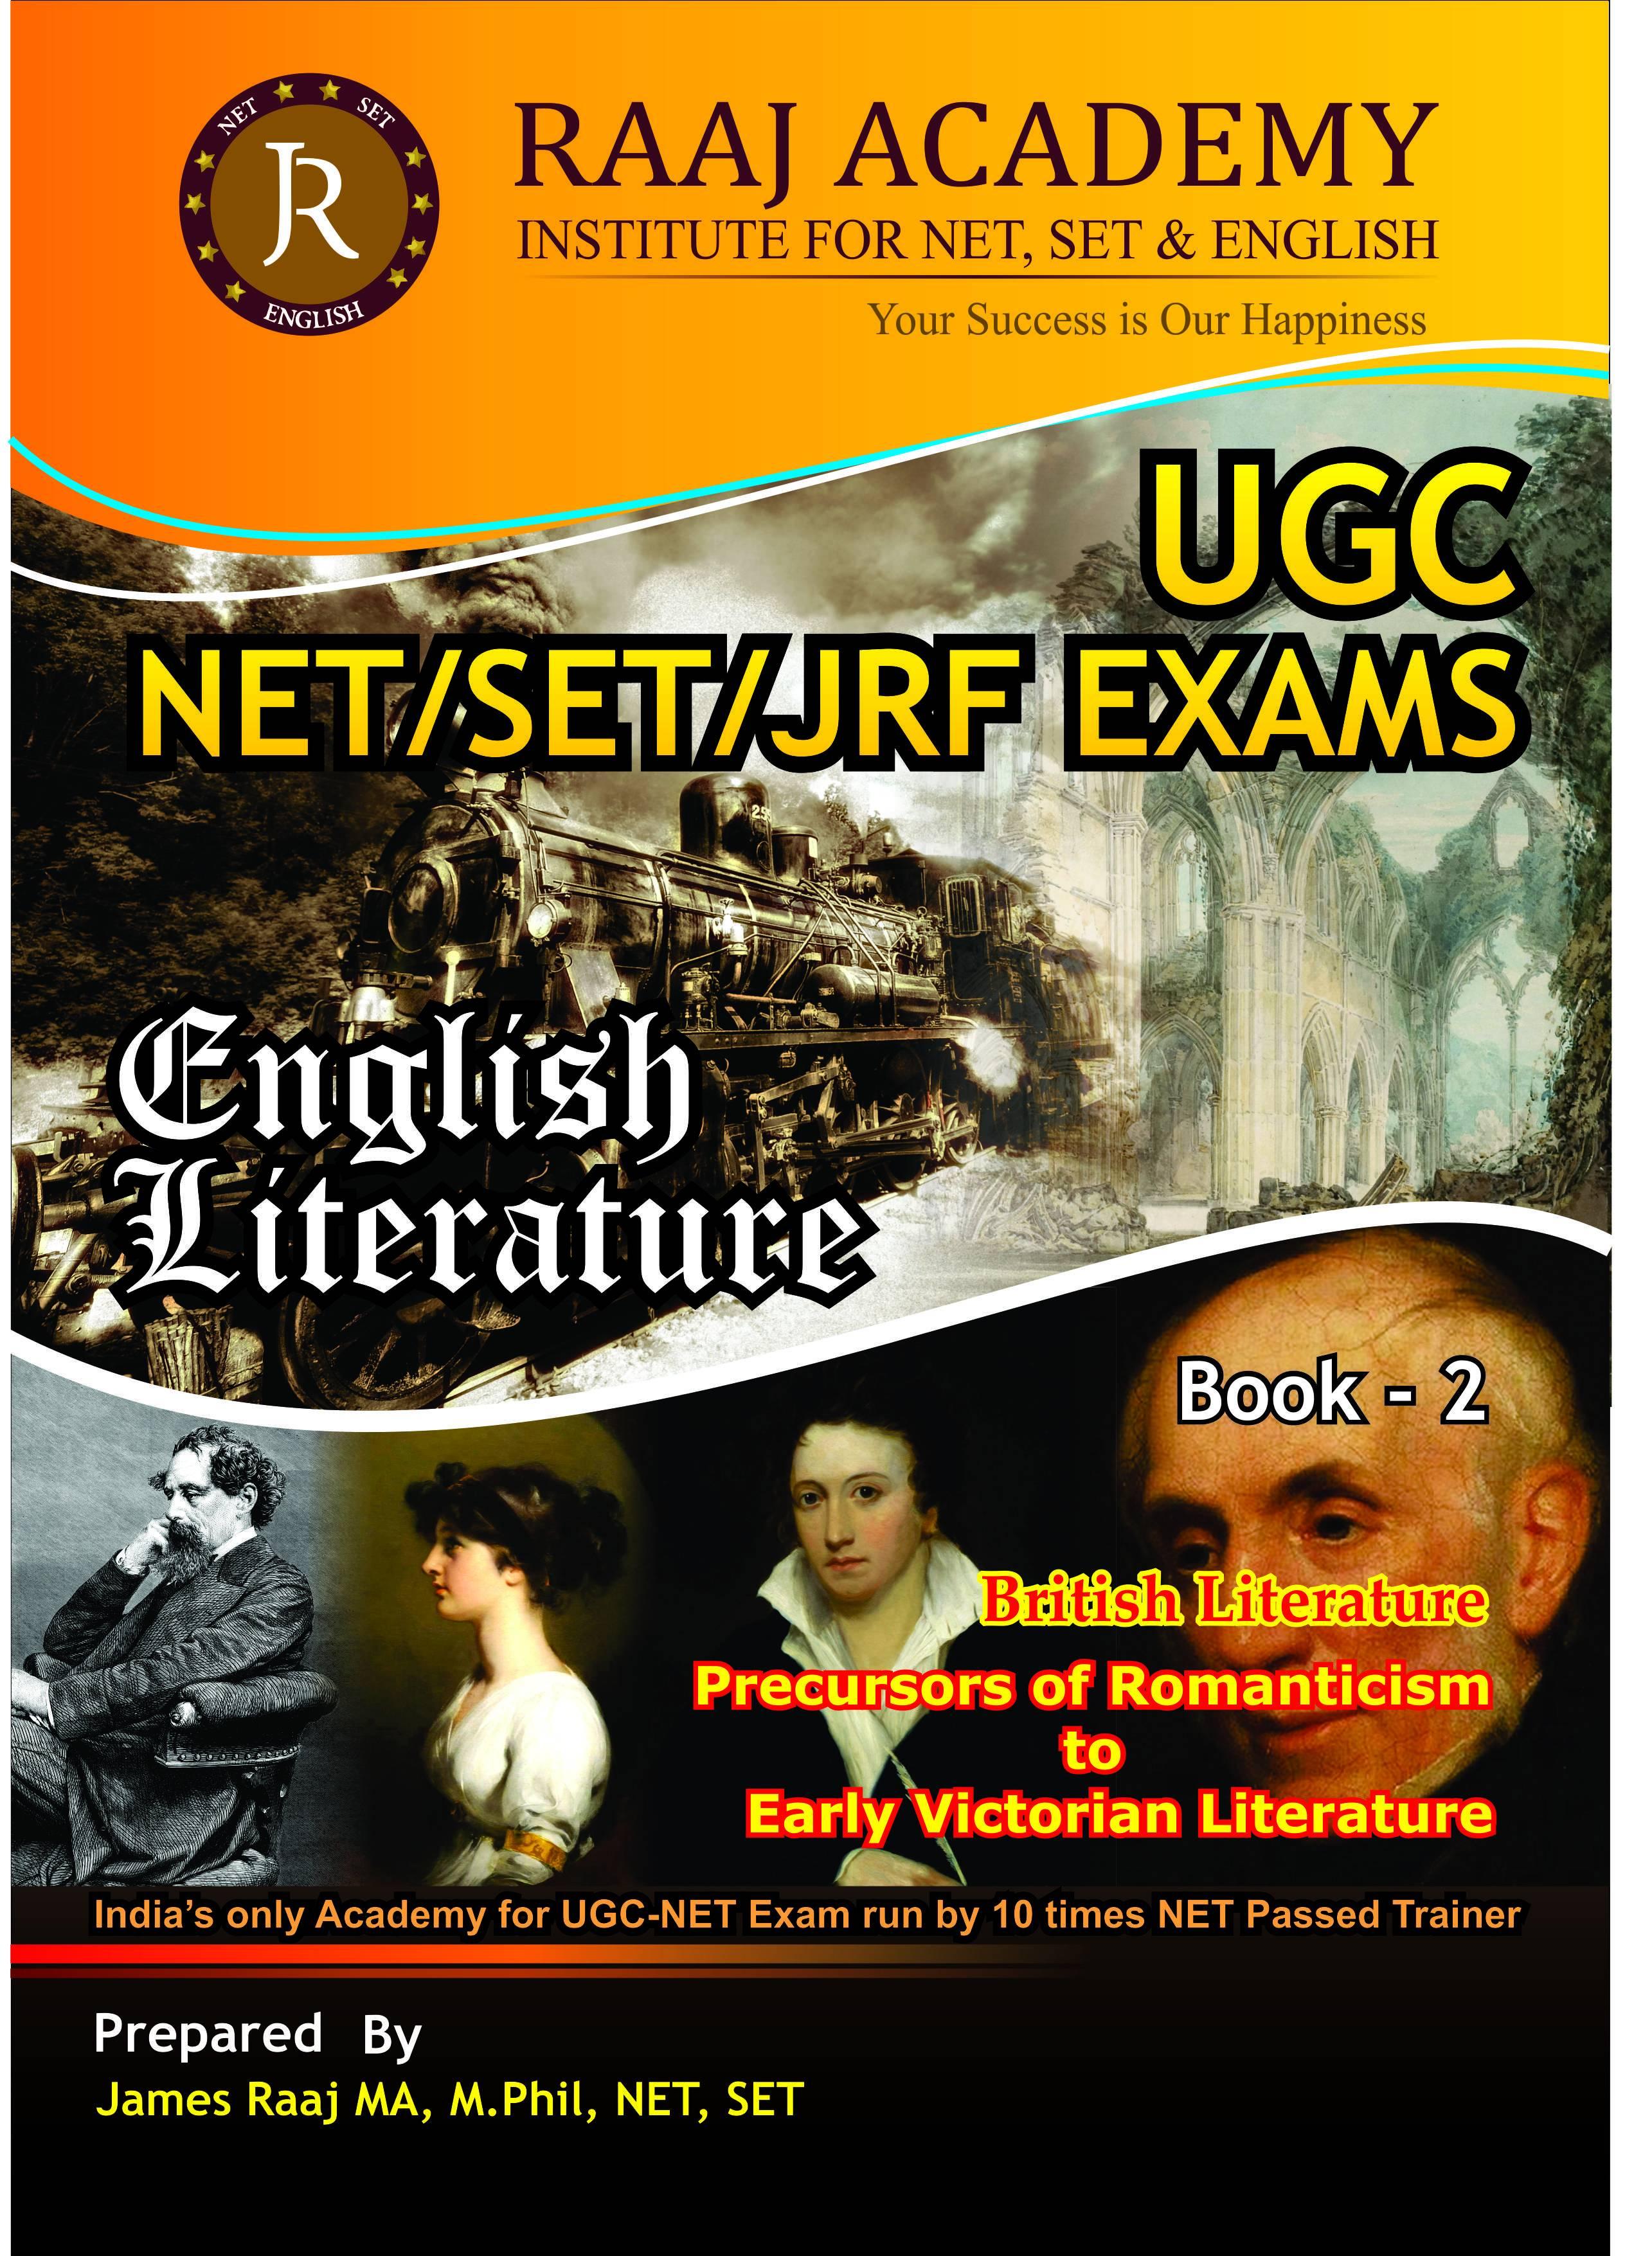 Raaj Academy - Best UGC, NET Academy in Tamil Nadu